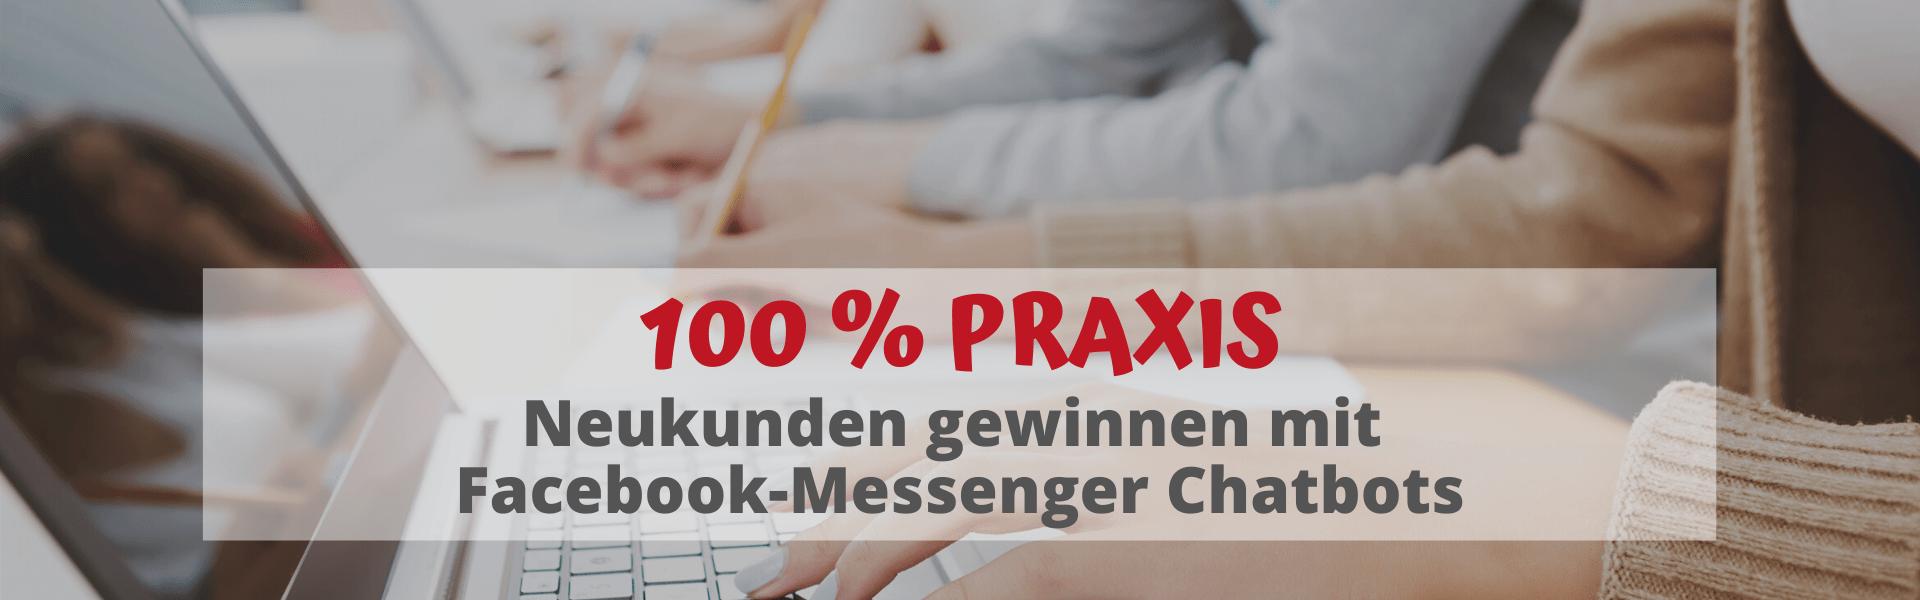 100 % PRAXIS Neukunden gewinnen mit Facebook-Messenger Chatbot